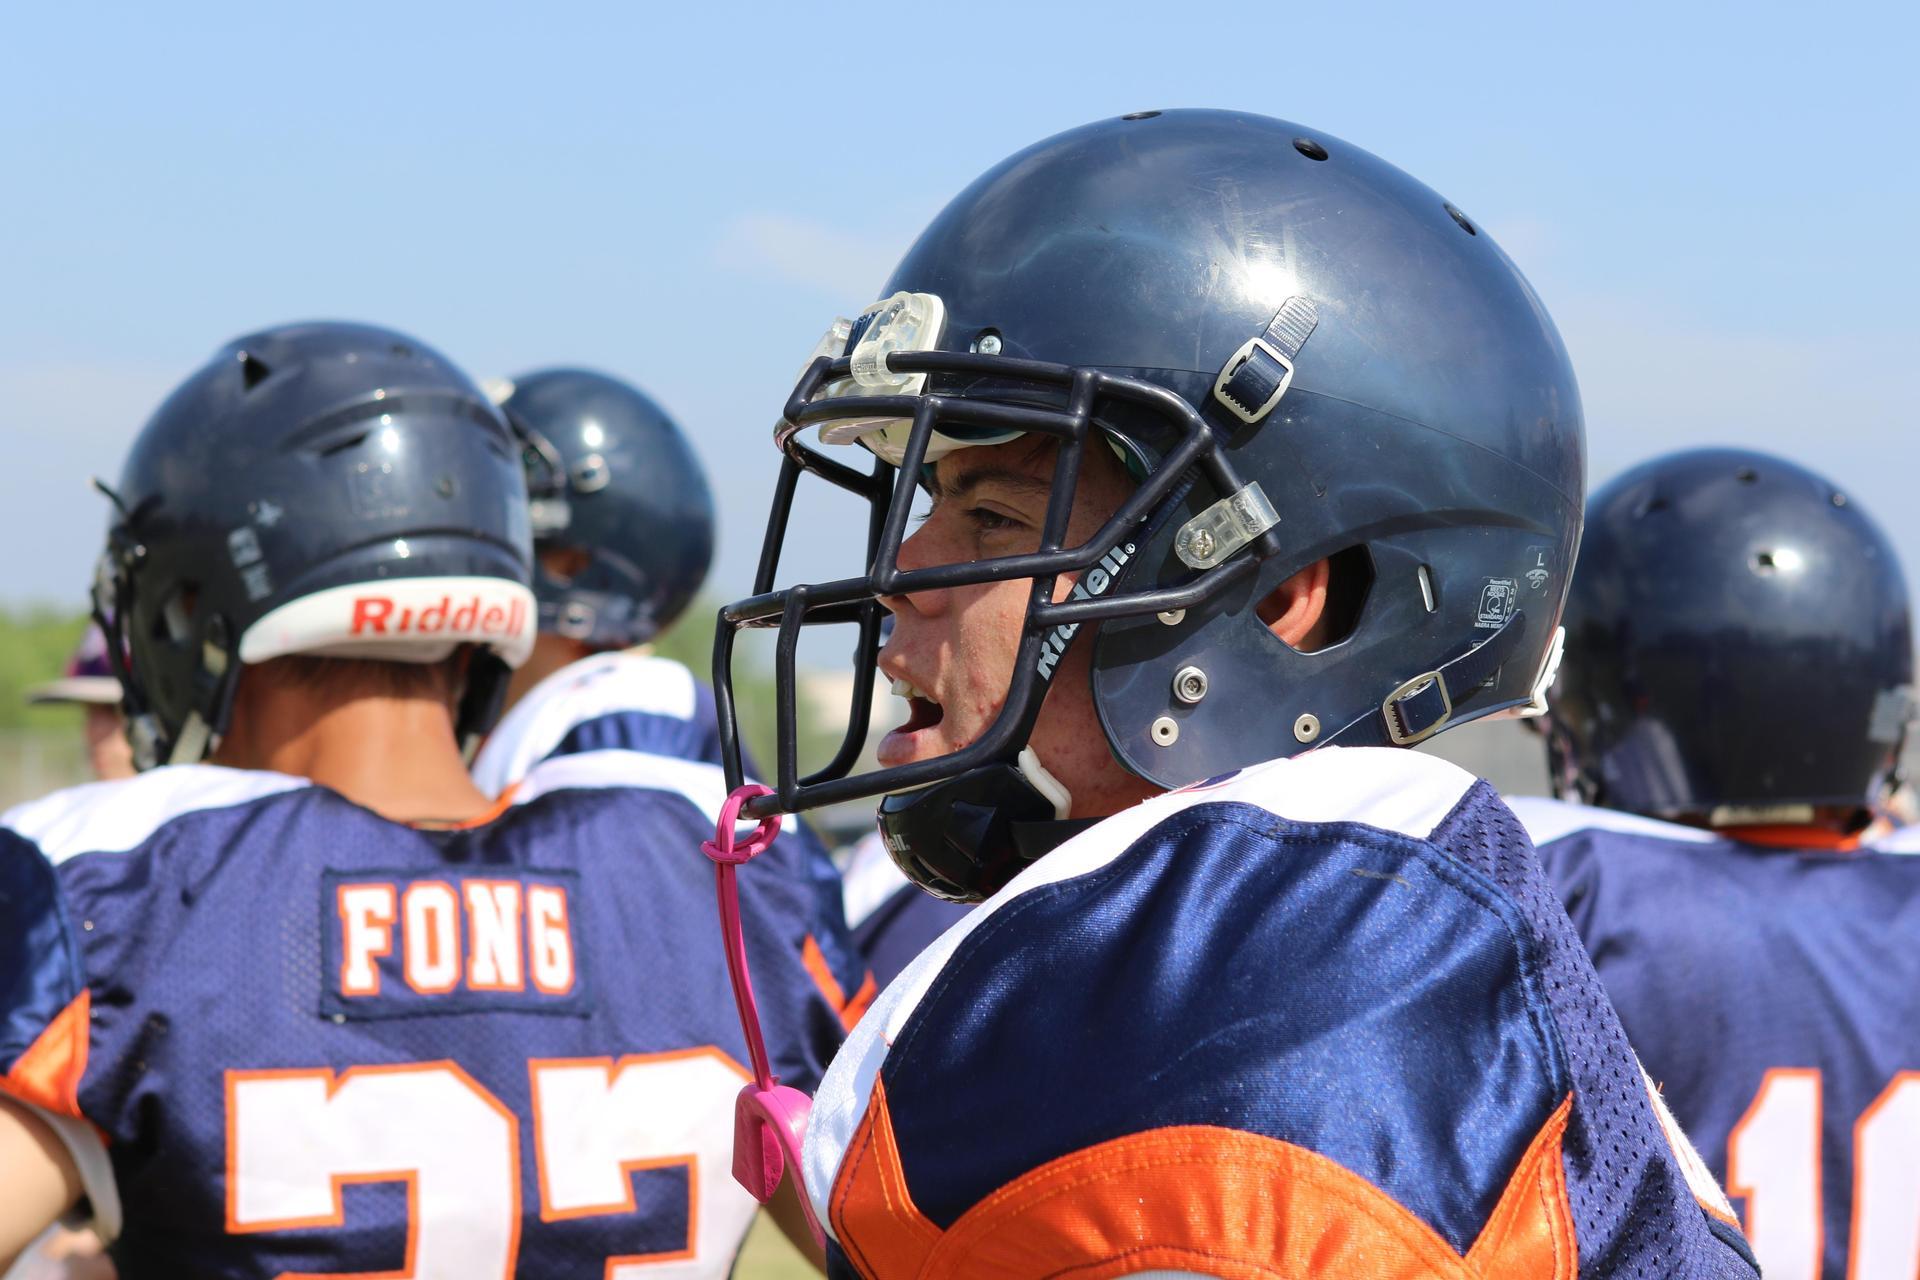 大学橄榄球队队员为队友加油.